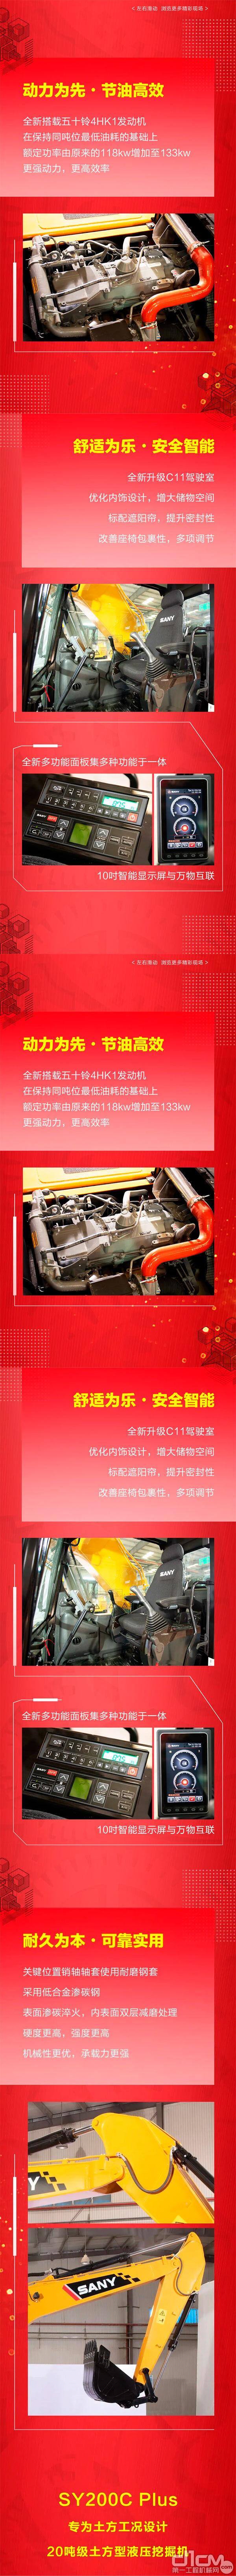 三一SY200C Plus挖掘机产品介绍